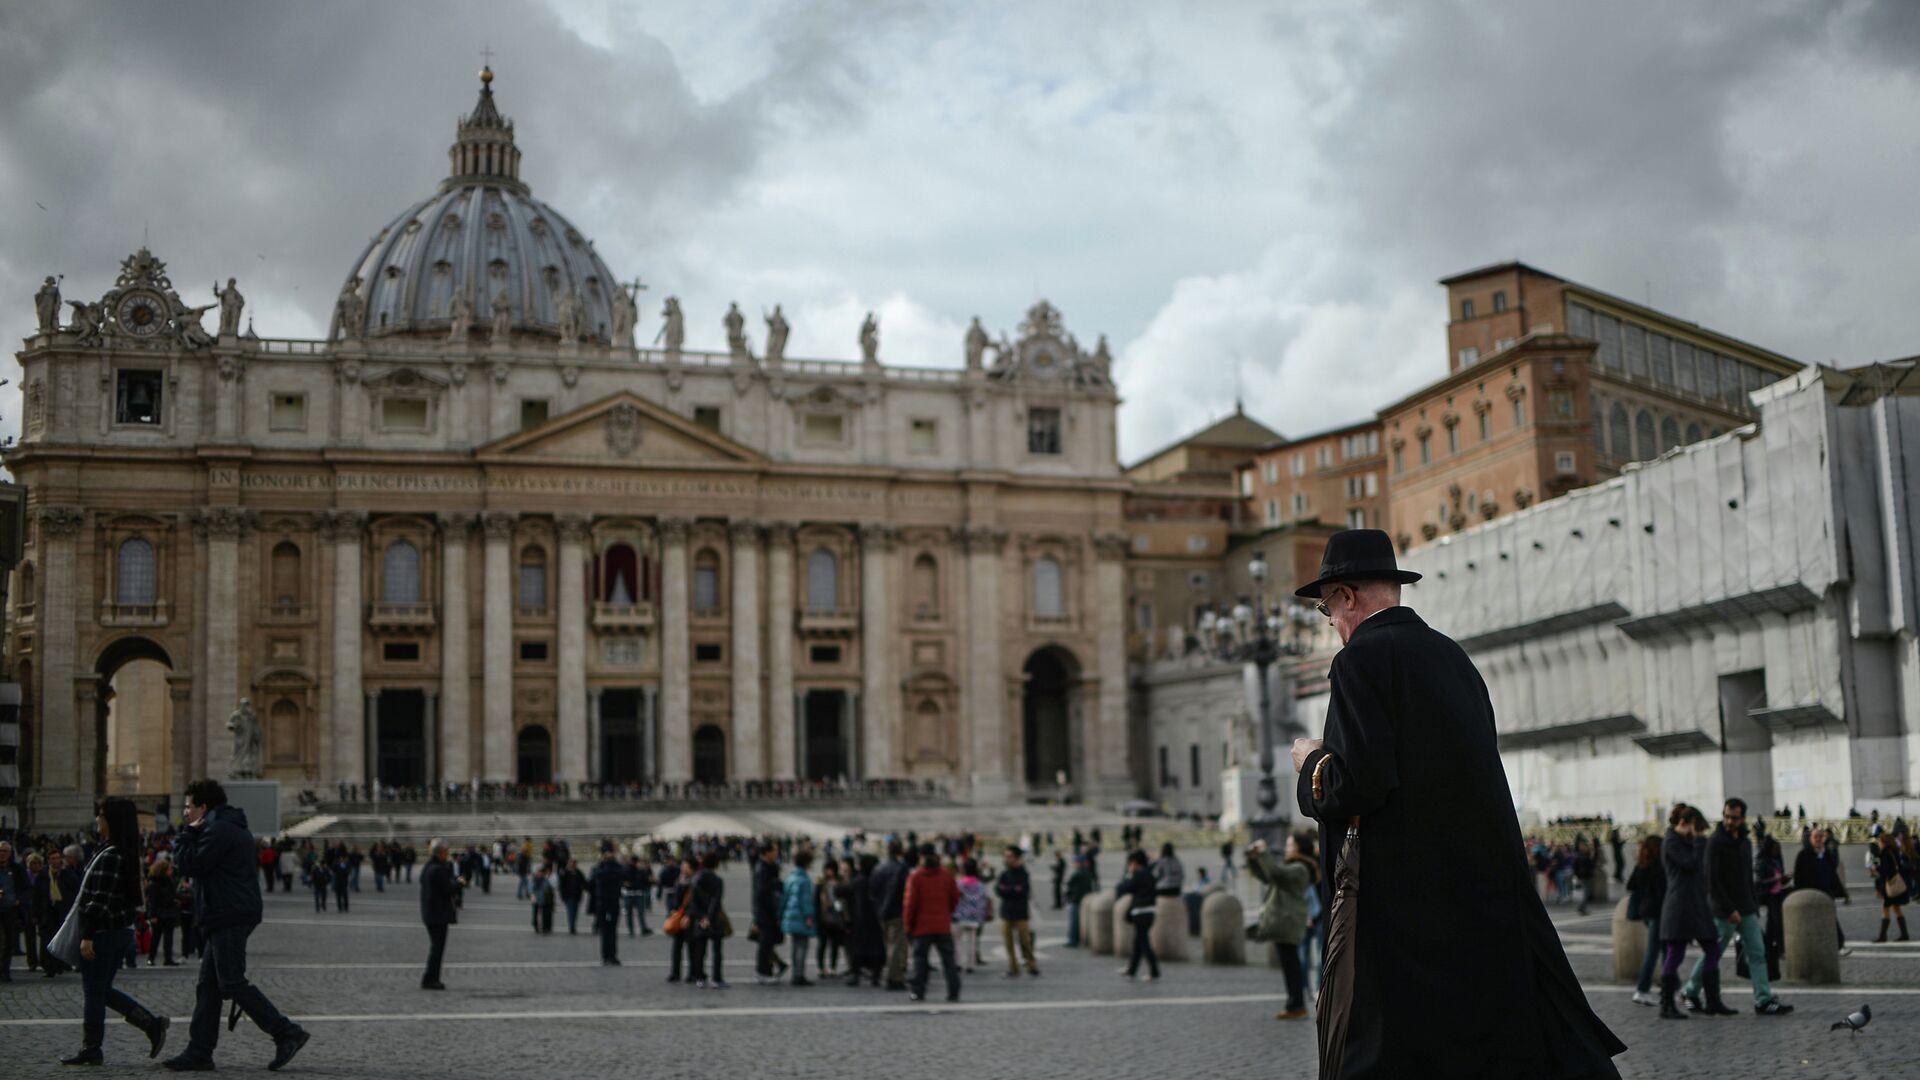 Ватикан в ожидании избрания нового Папы Римского - Sputnik Mundo, 1920, 01.06.2021